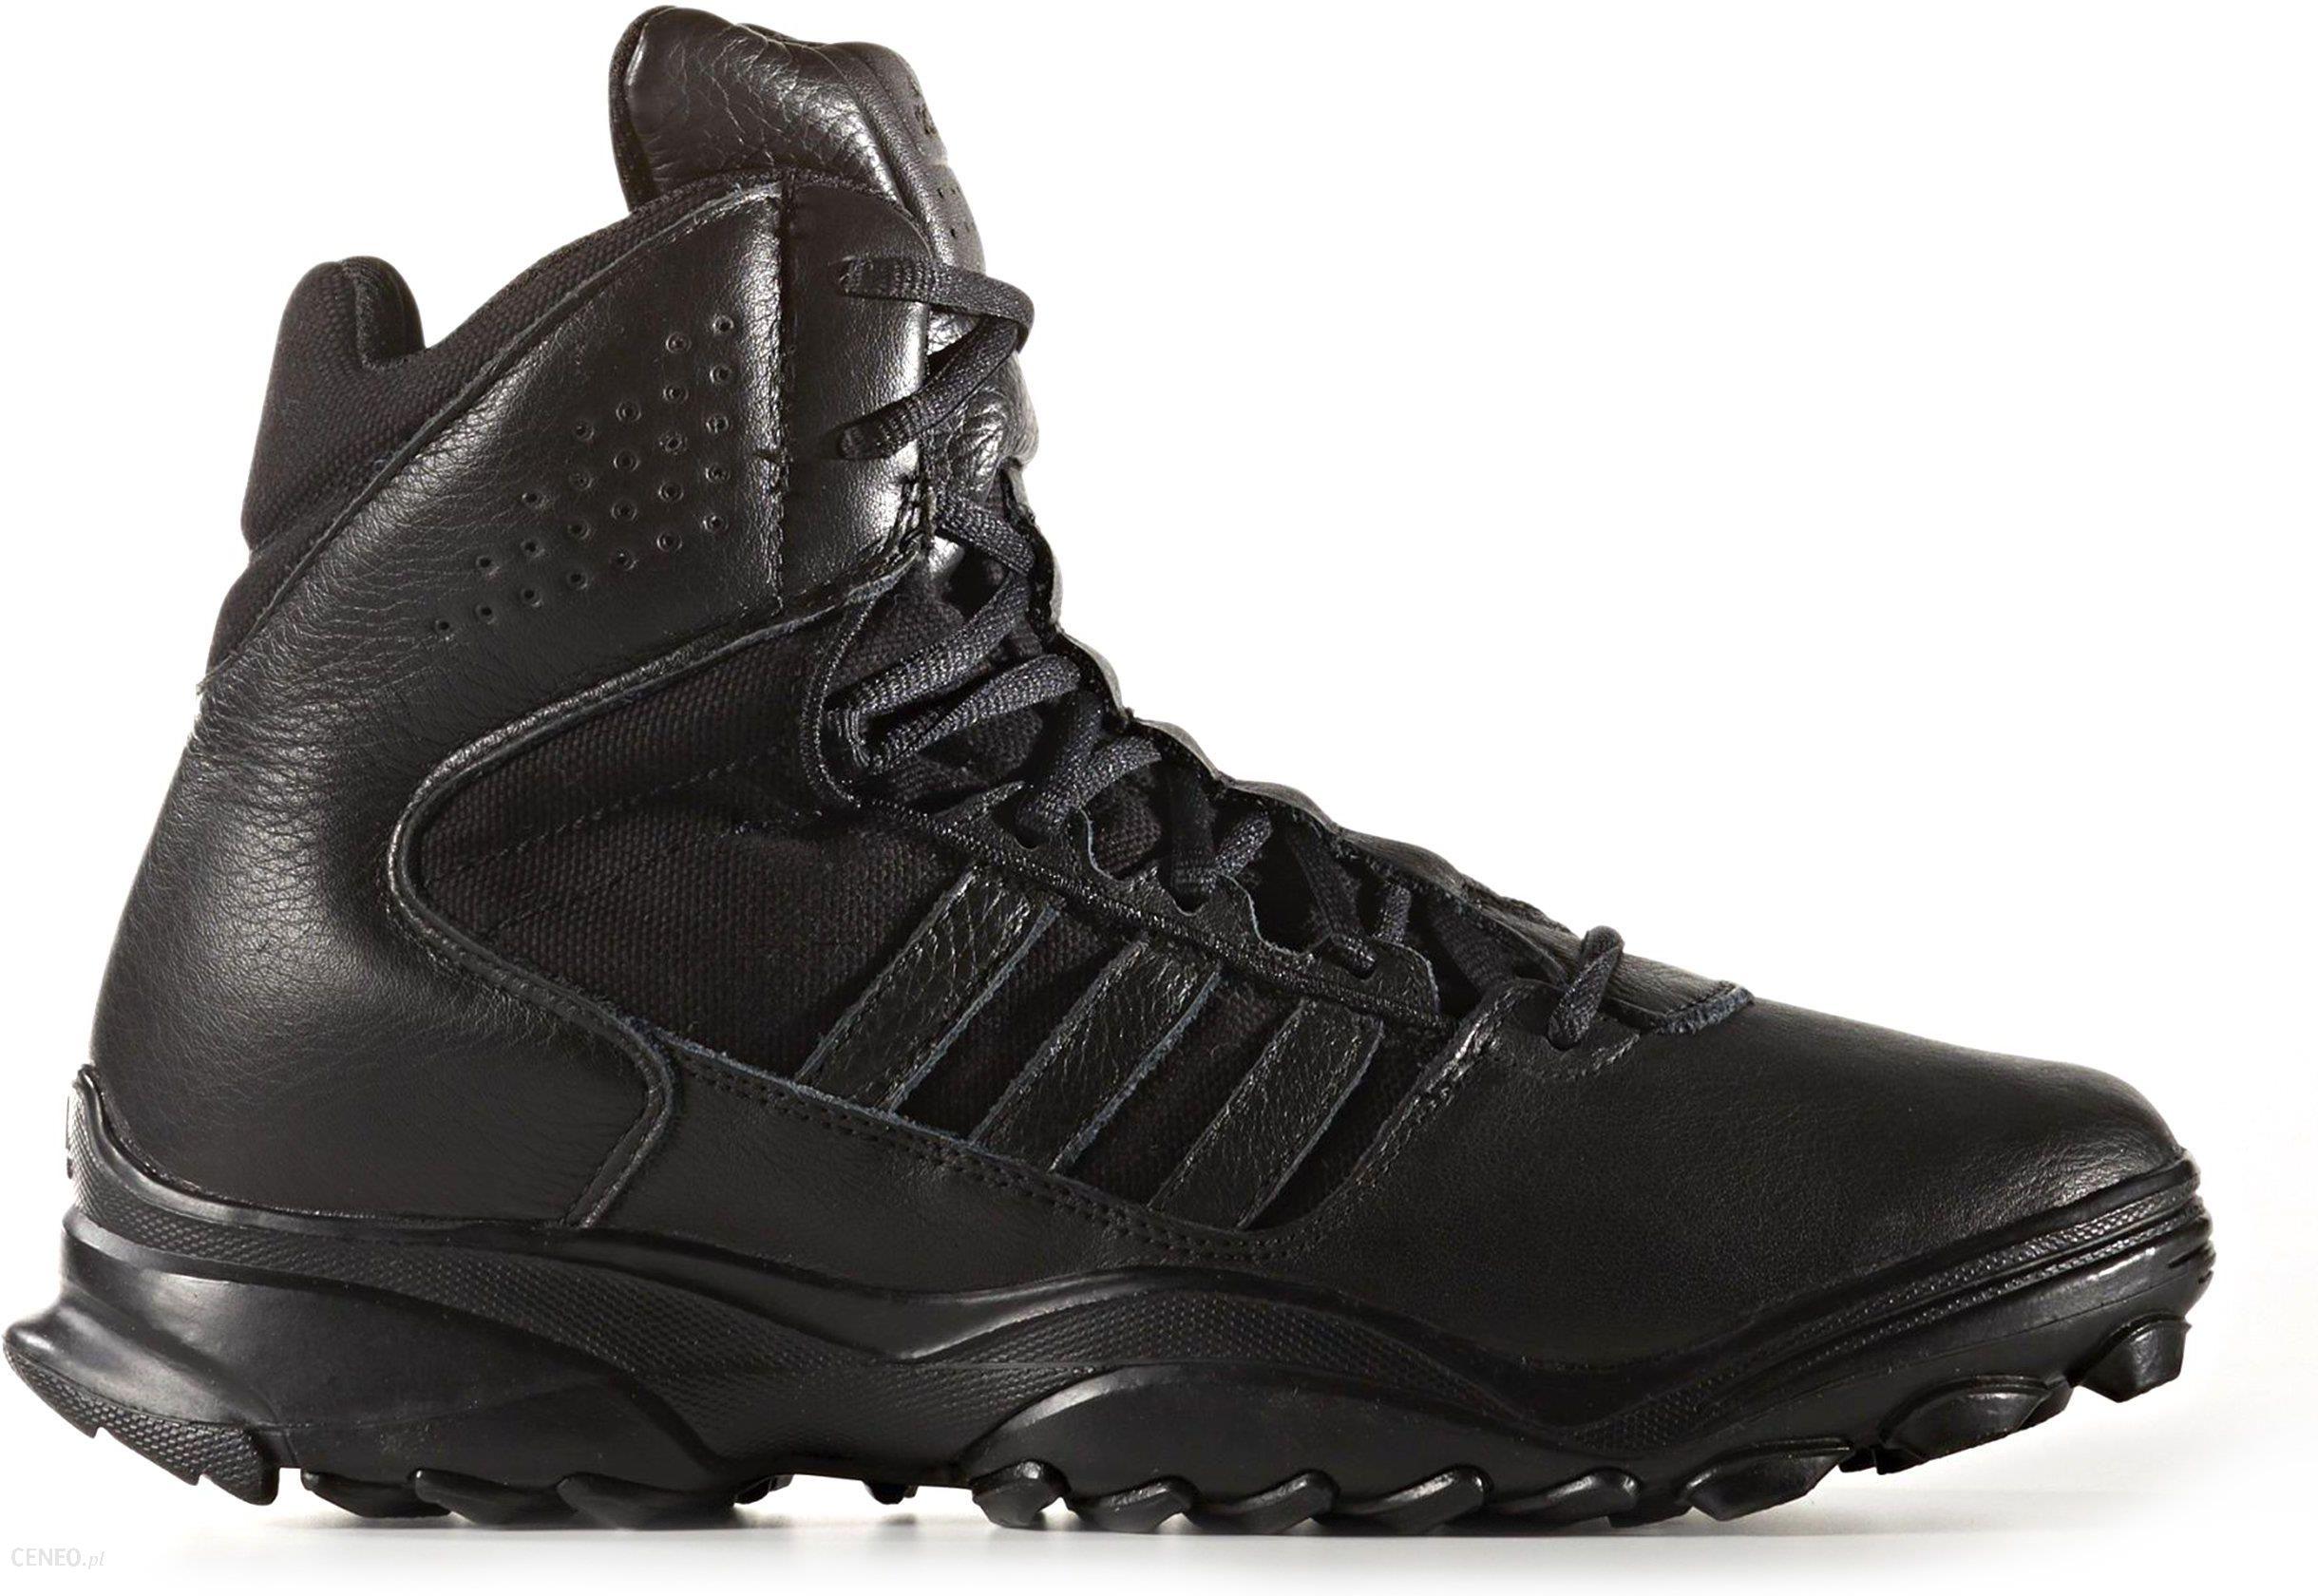 Buty taktyczne adidas GSG 9.7 G62307 r. 41 13